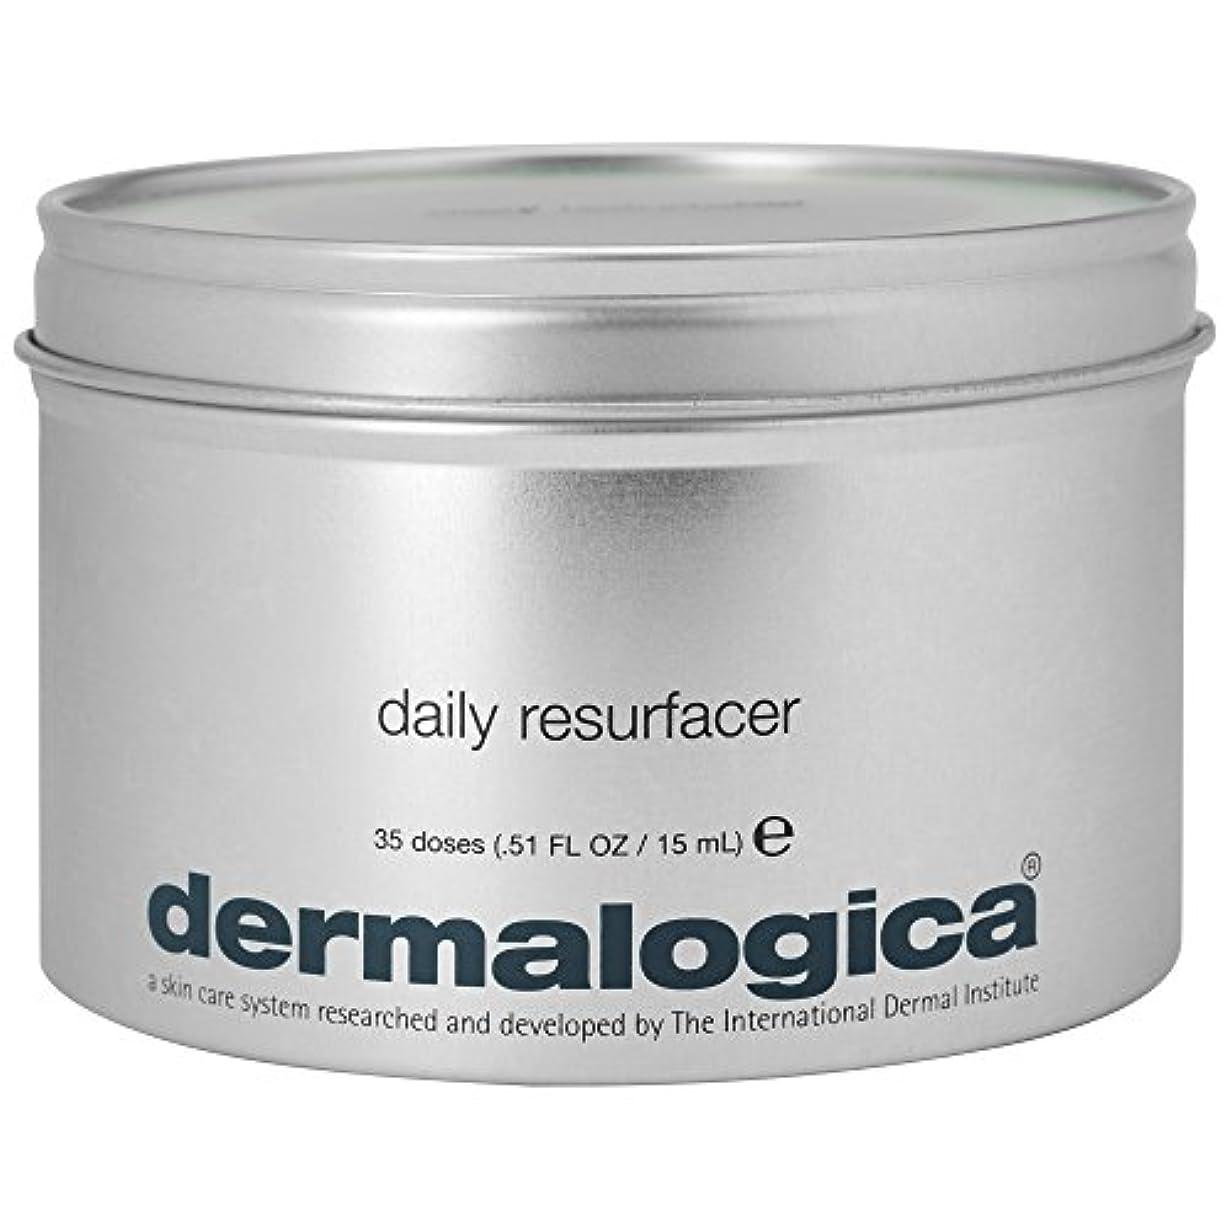 公然と静める待つ35のダーマロジカ毎日Resurfacerパック (Dermalogica) - Dermalogica Daily Resurfacer Pack of 35 [並行輸入品]